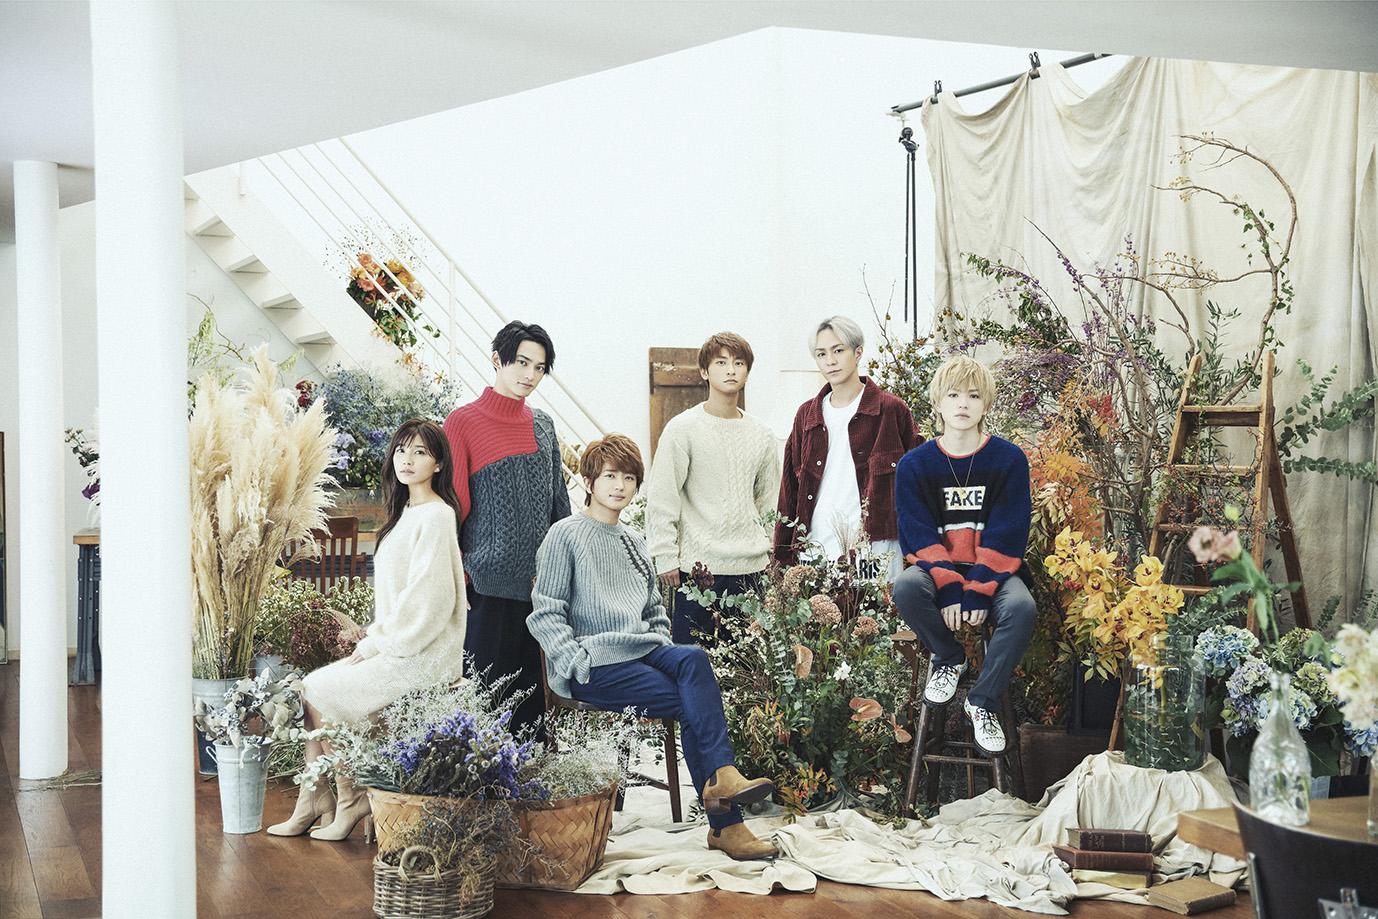 AAA、NHKみんなのうた「笑顔のループ」のシングルリリースが決定!新ビジュアルも公開サムネイル画像